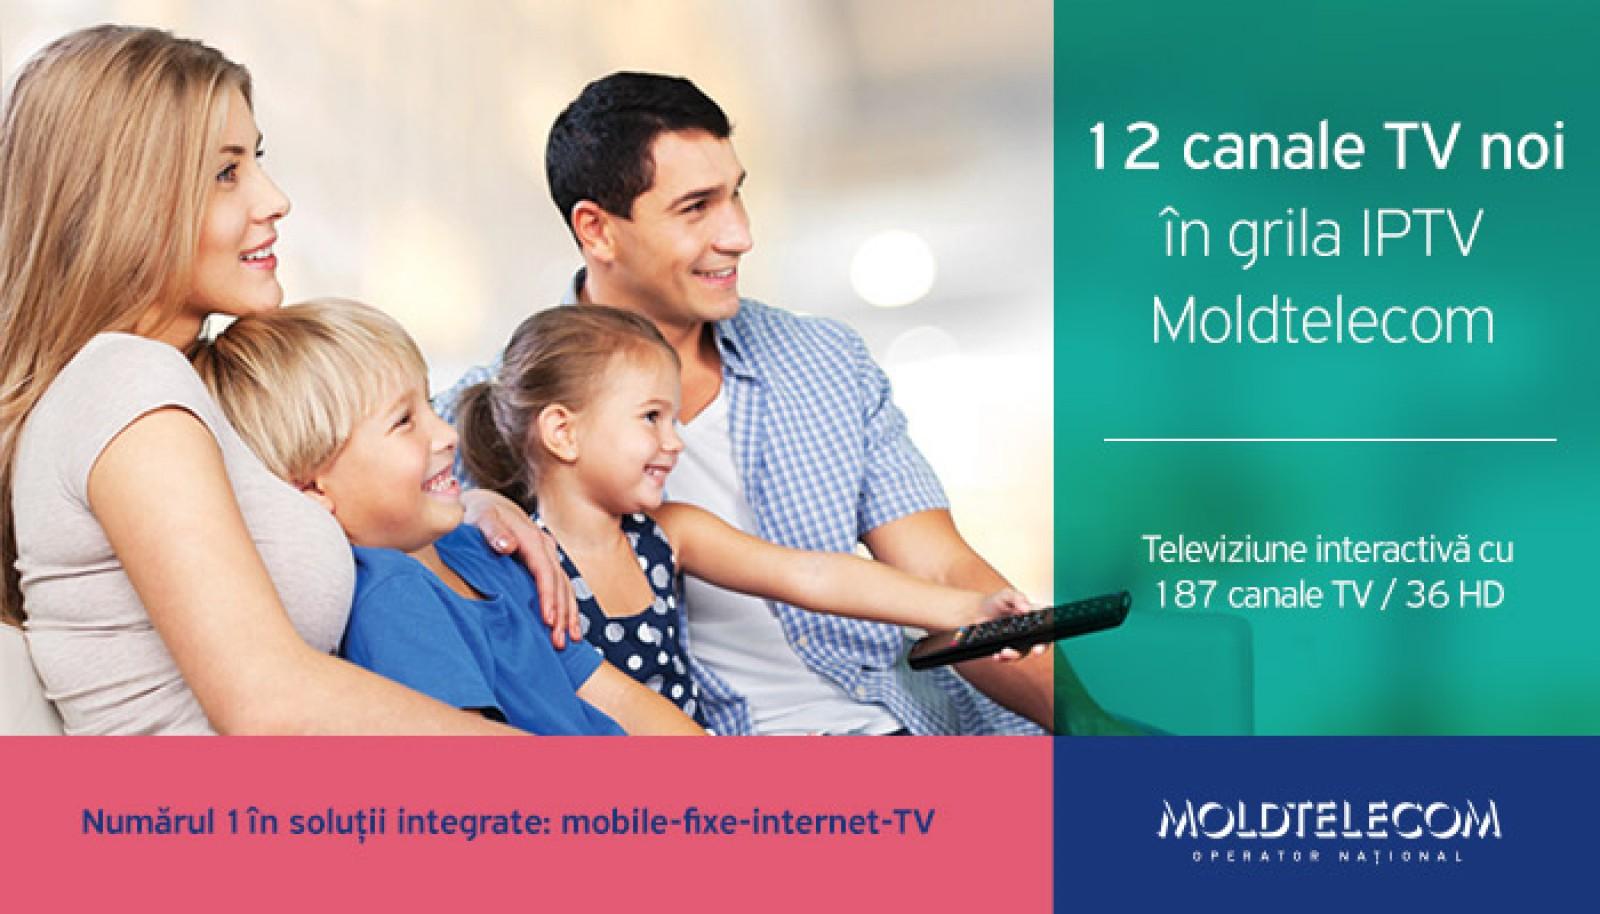 Bucură-te de posturi TV Premium noi, incluse în grila de canale TV Moldtelecom